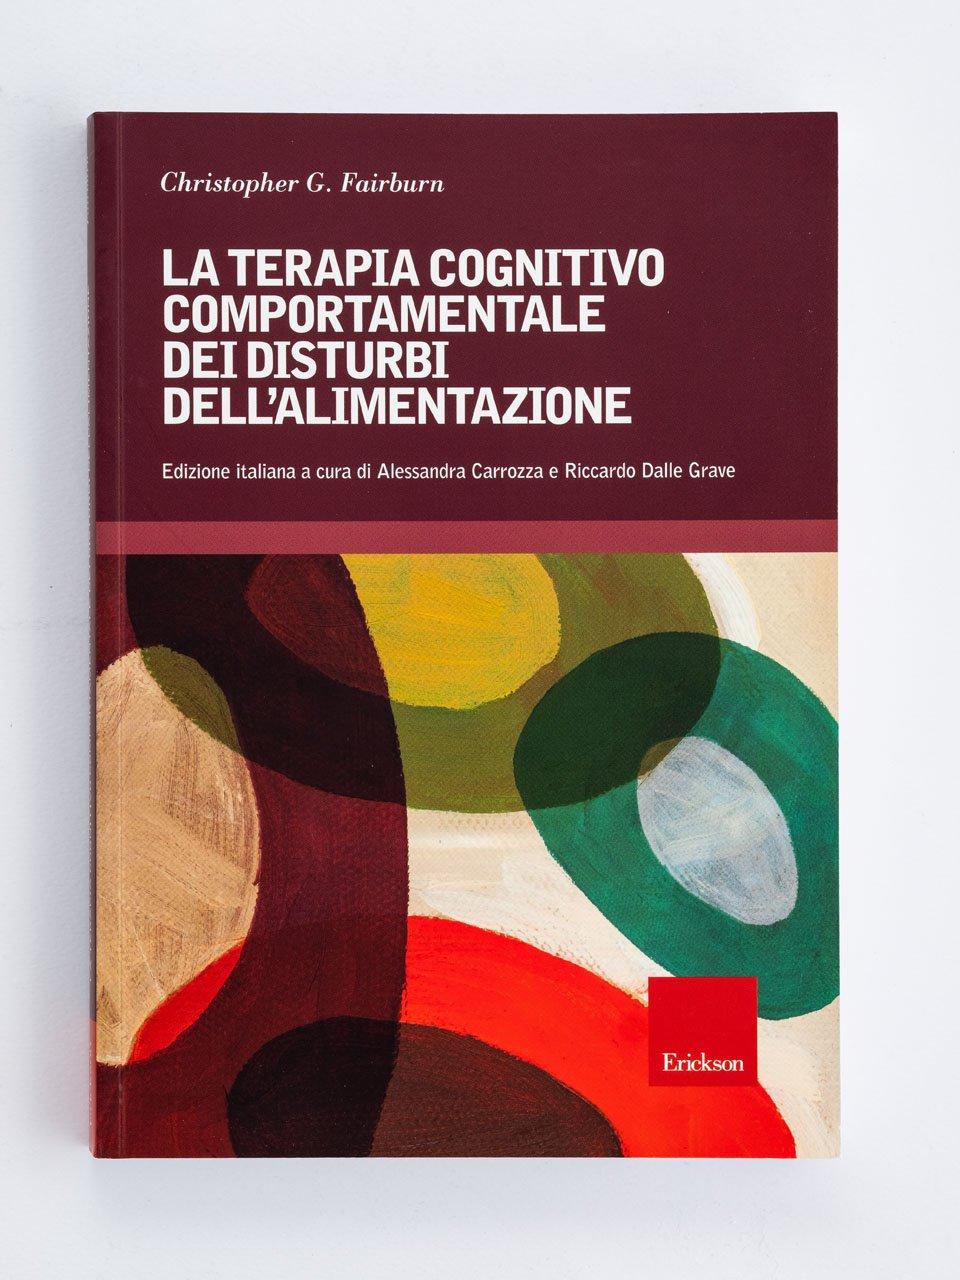 La terapia cognitivo-comportamentale dei disturbi dell'alimentazione - Manuale di psicoeducazione per disturbi dell'alime - Libri - Erickson